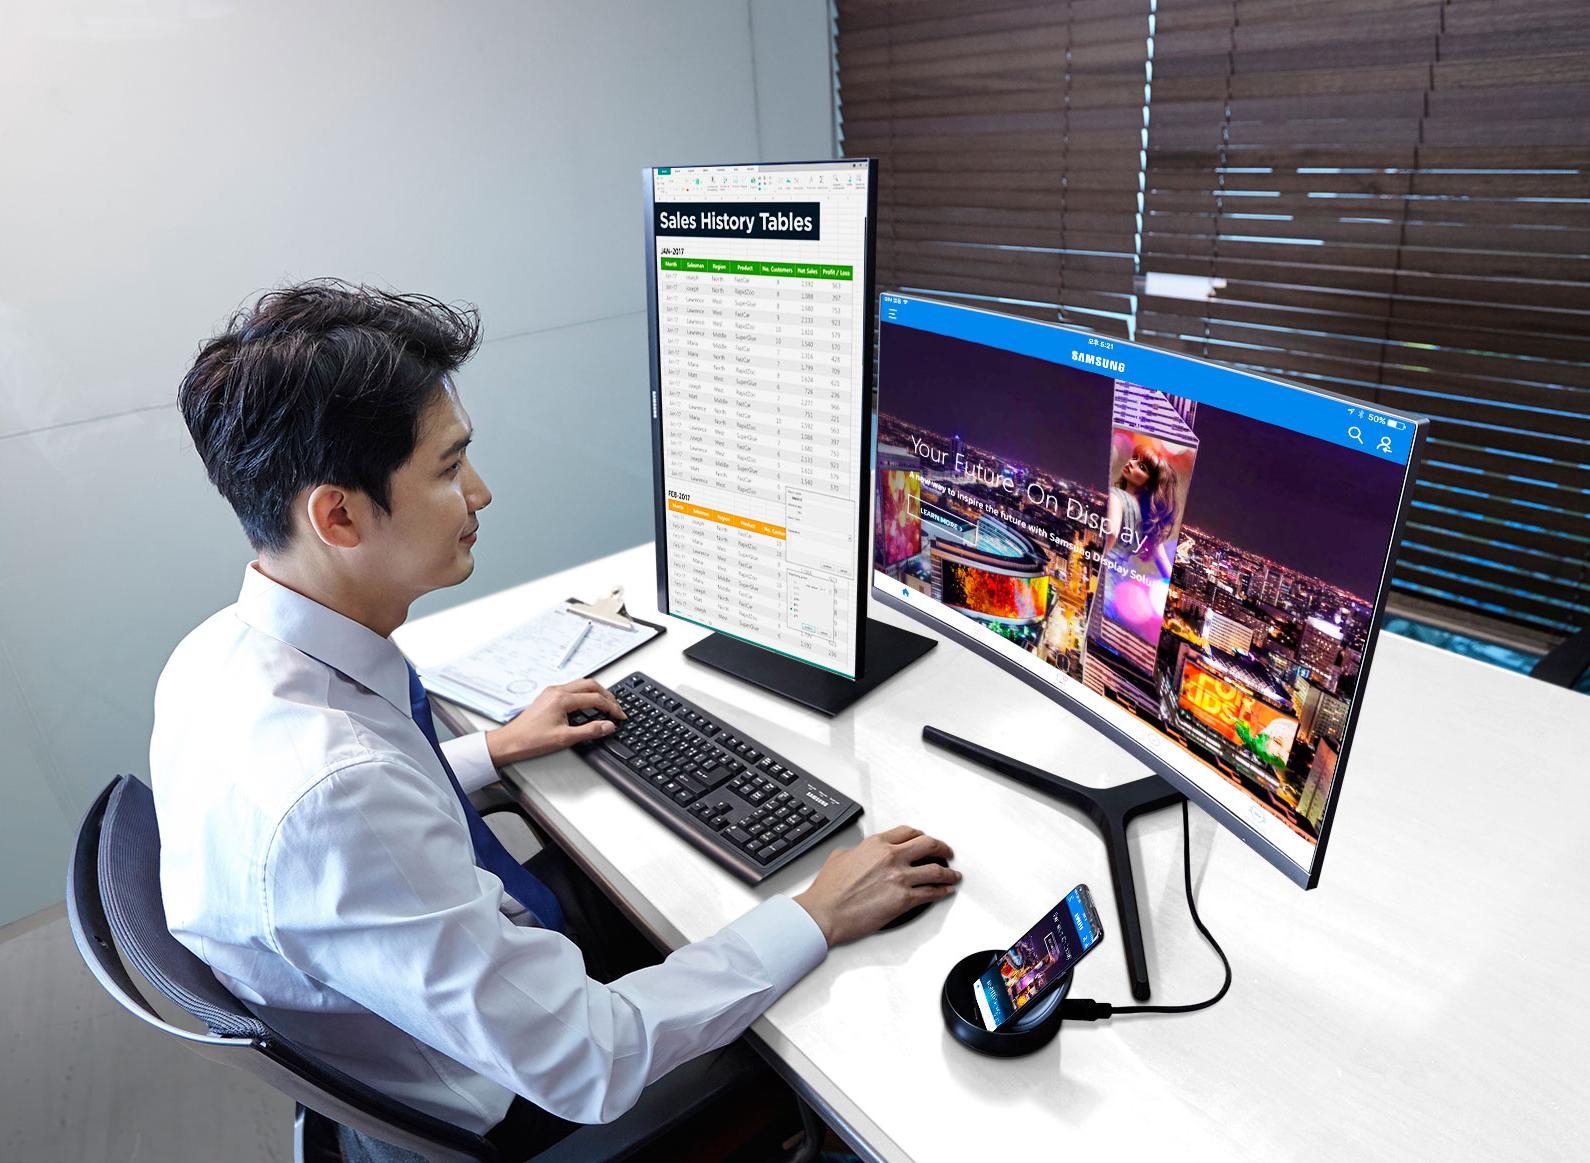 סמסונג תשיק בקרוב 3 מסכים מקצועיים חדשים